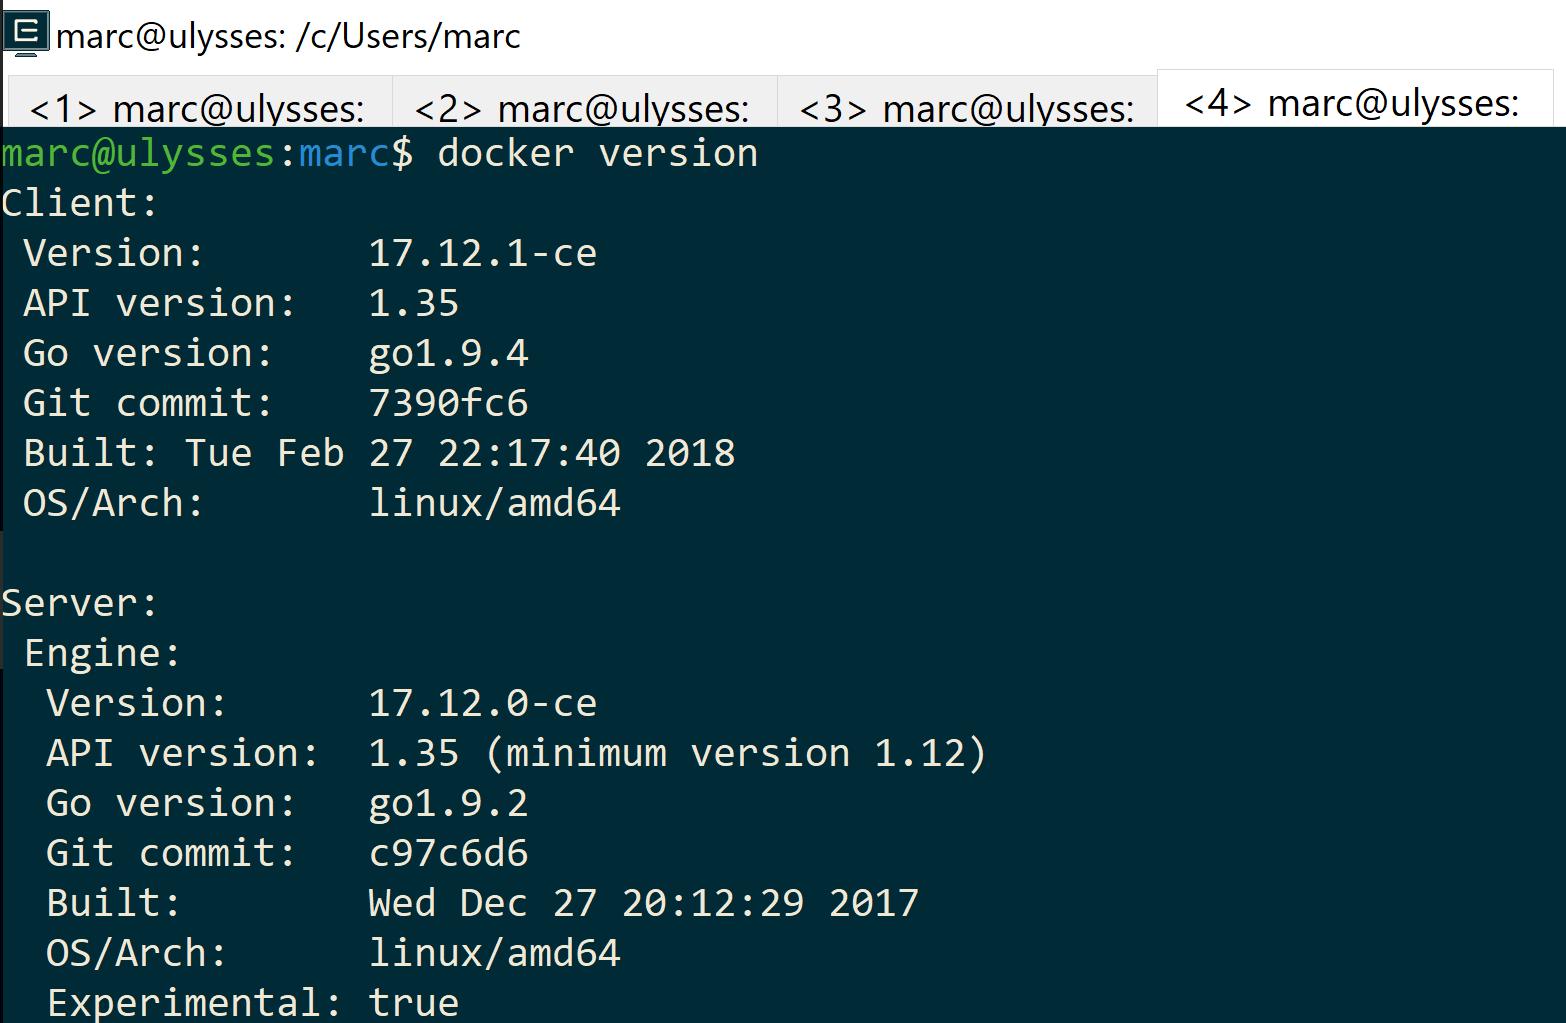 Goin' back to Windows: Docker – marcesher com